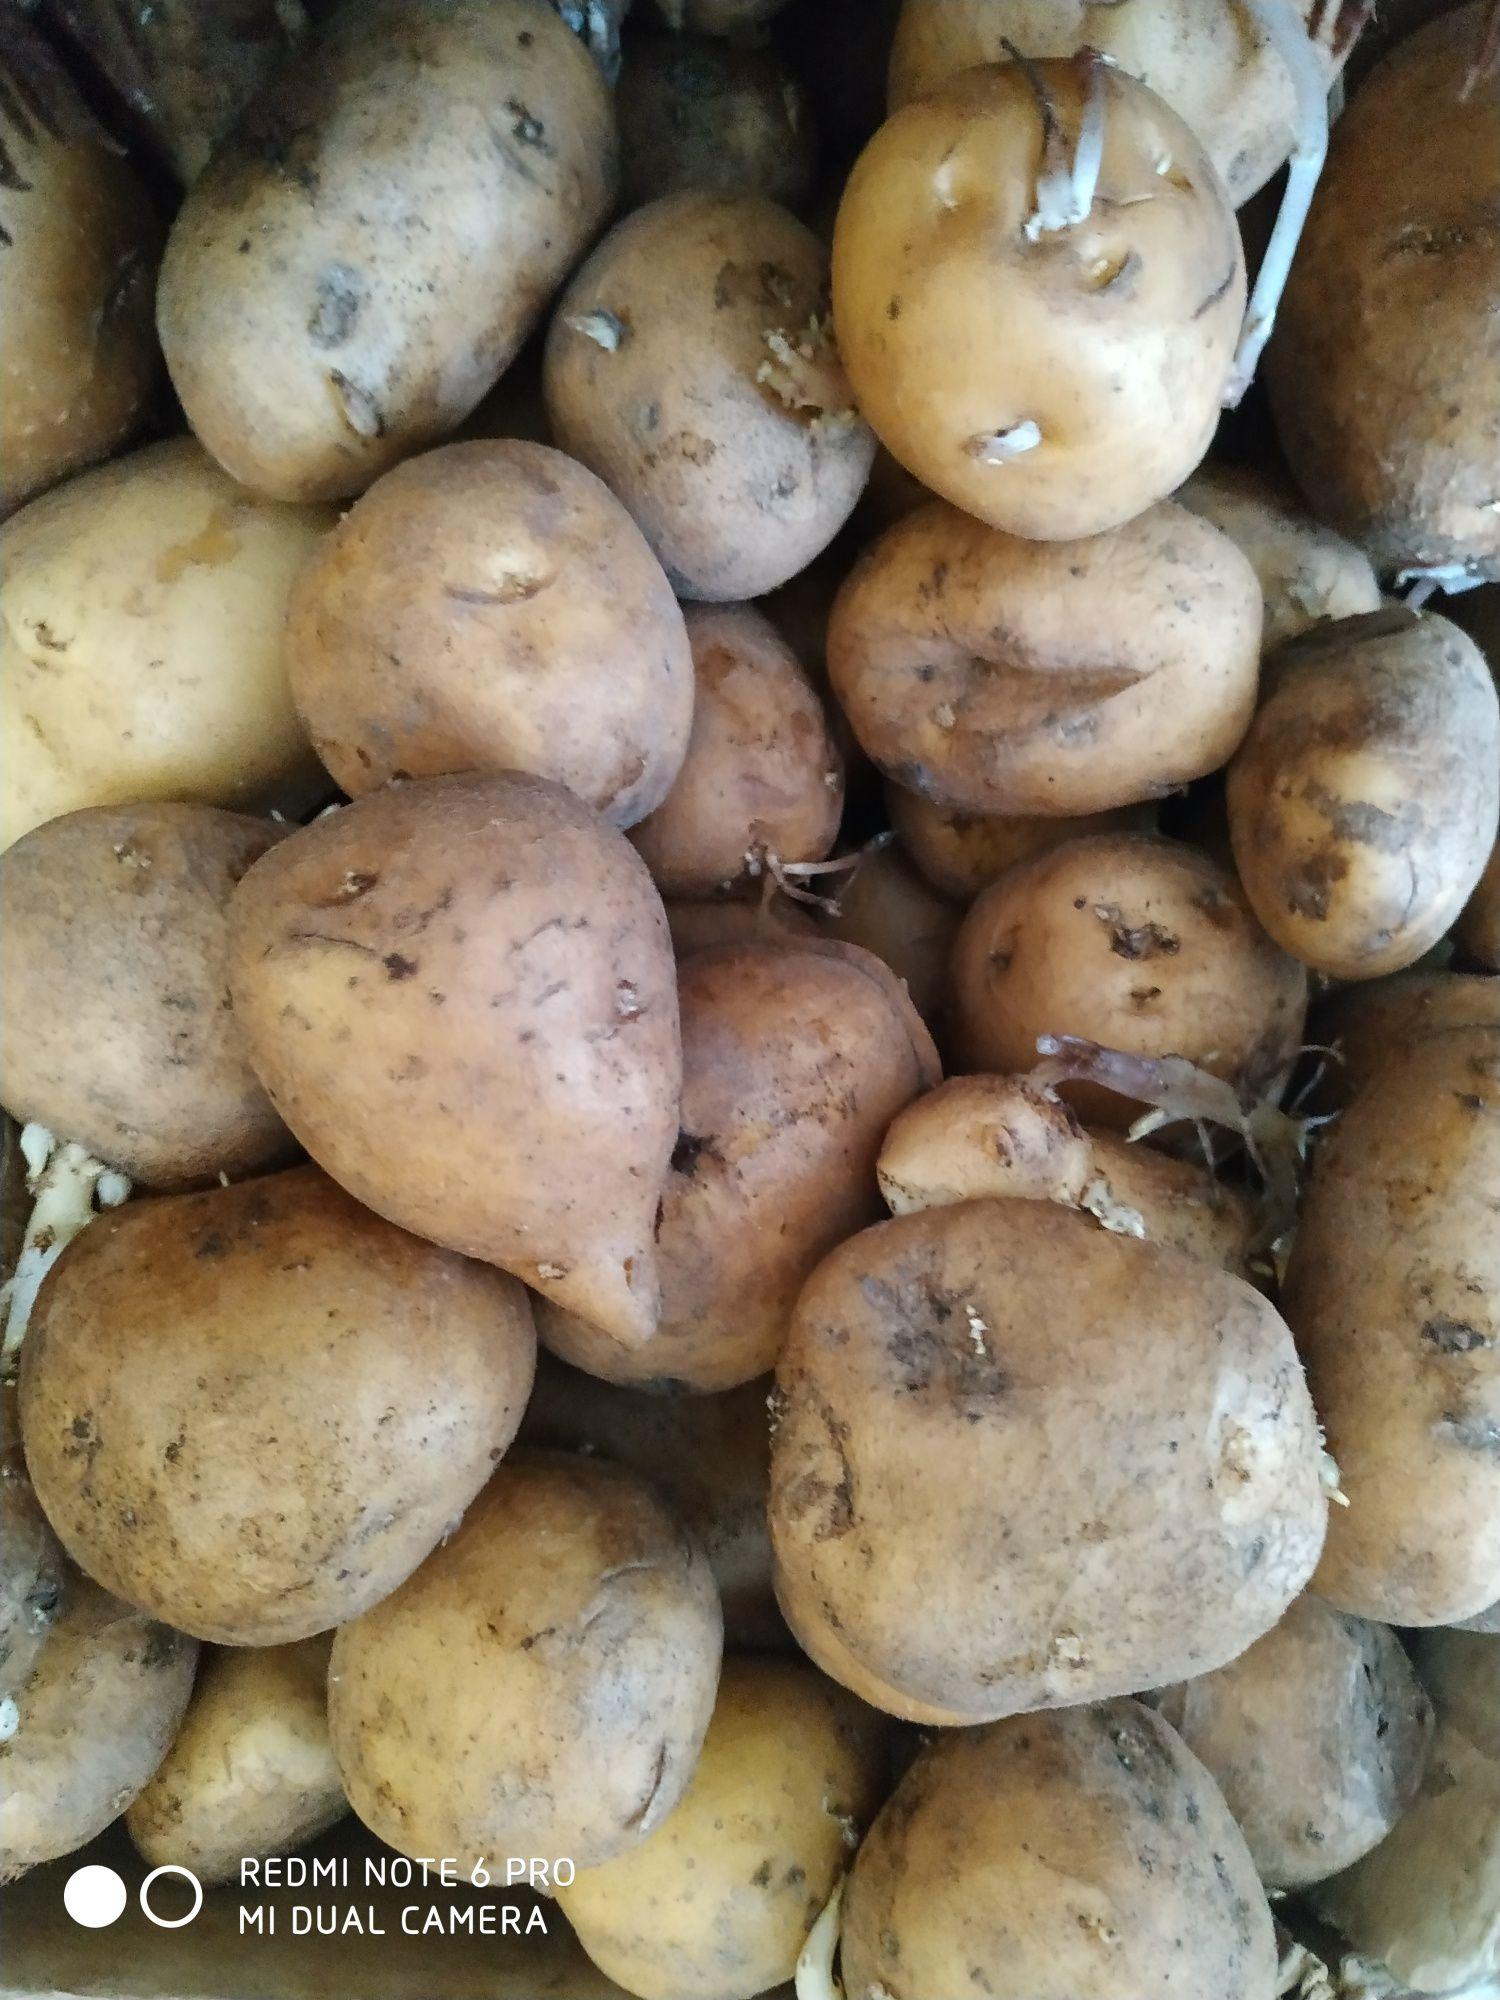 Продам картофель домашний в Красном Яре